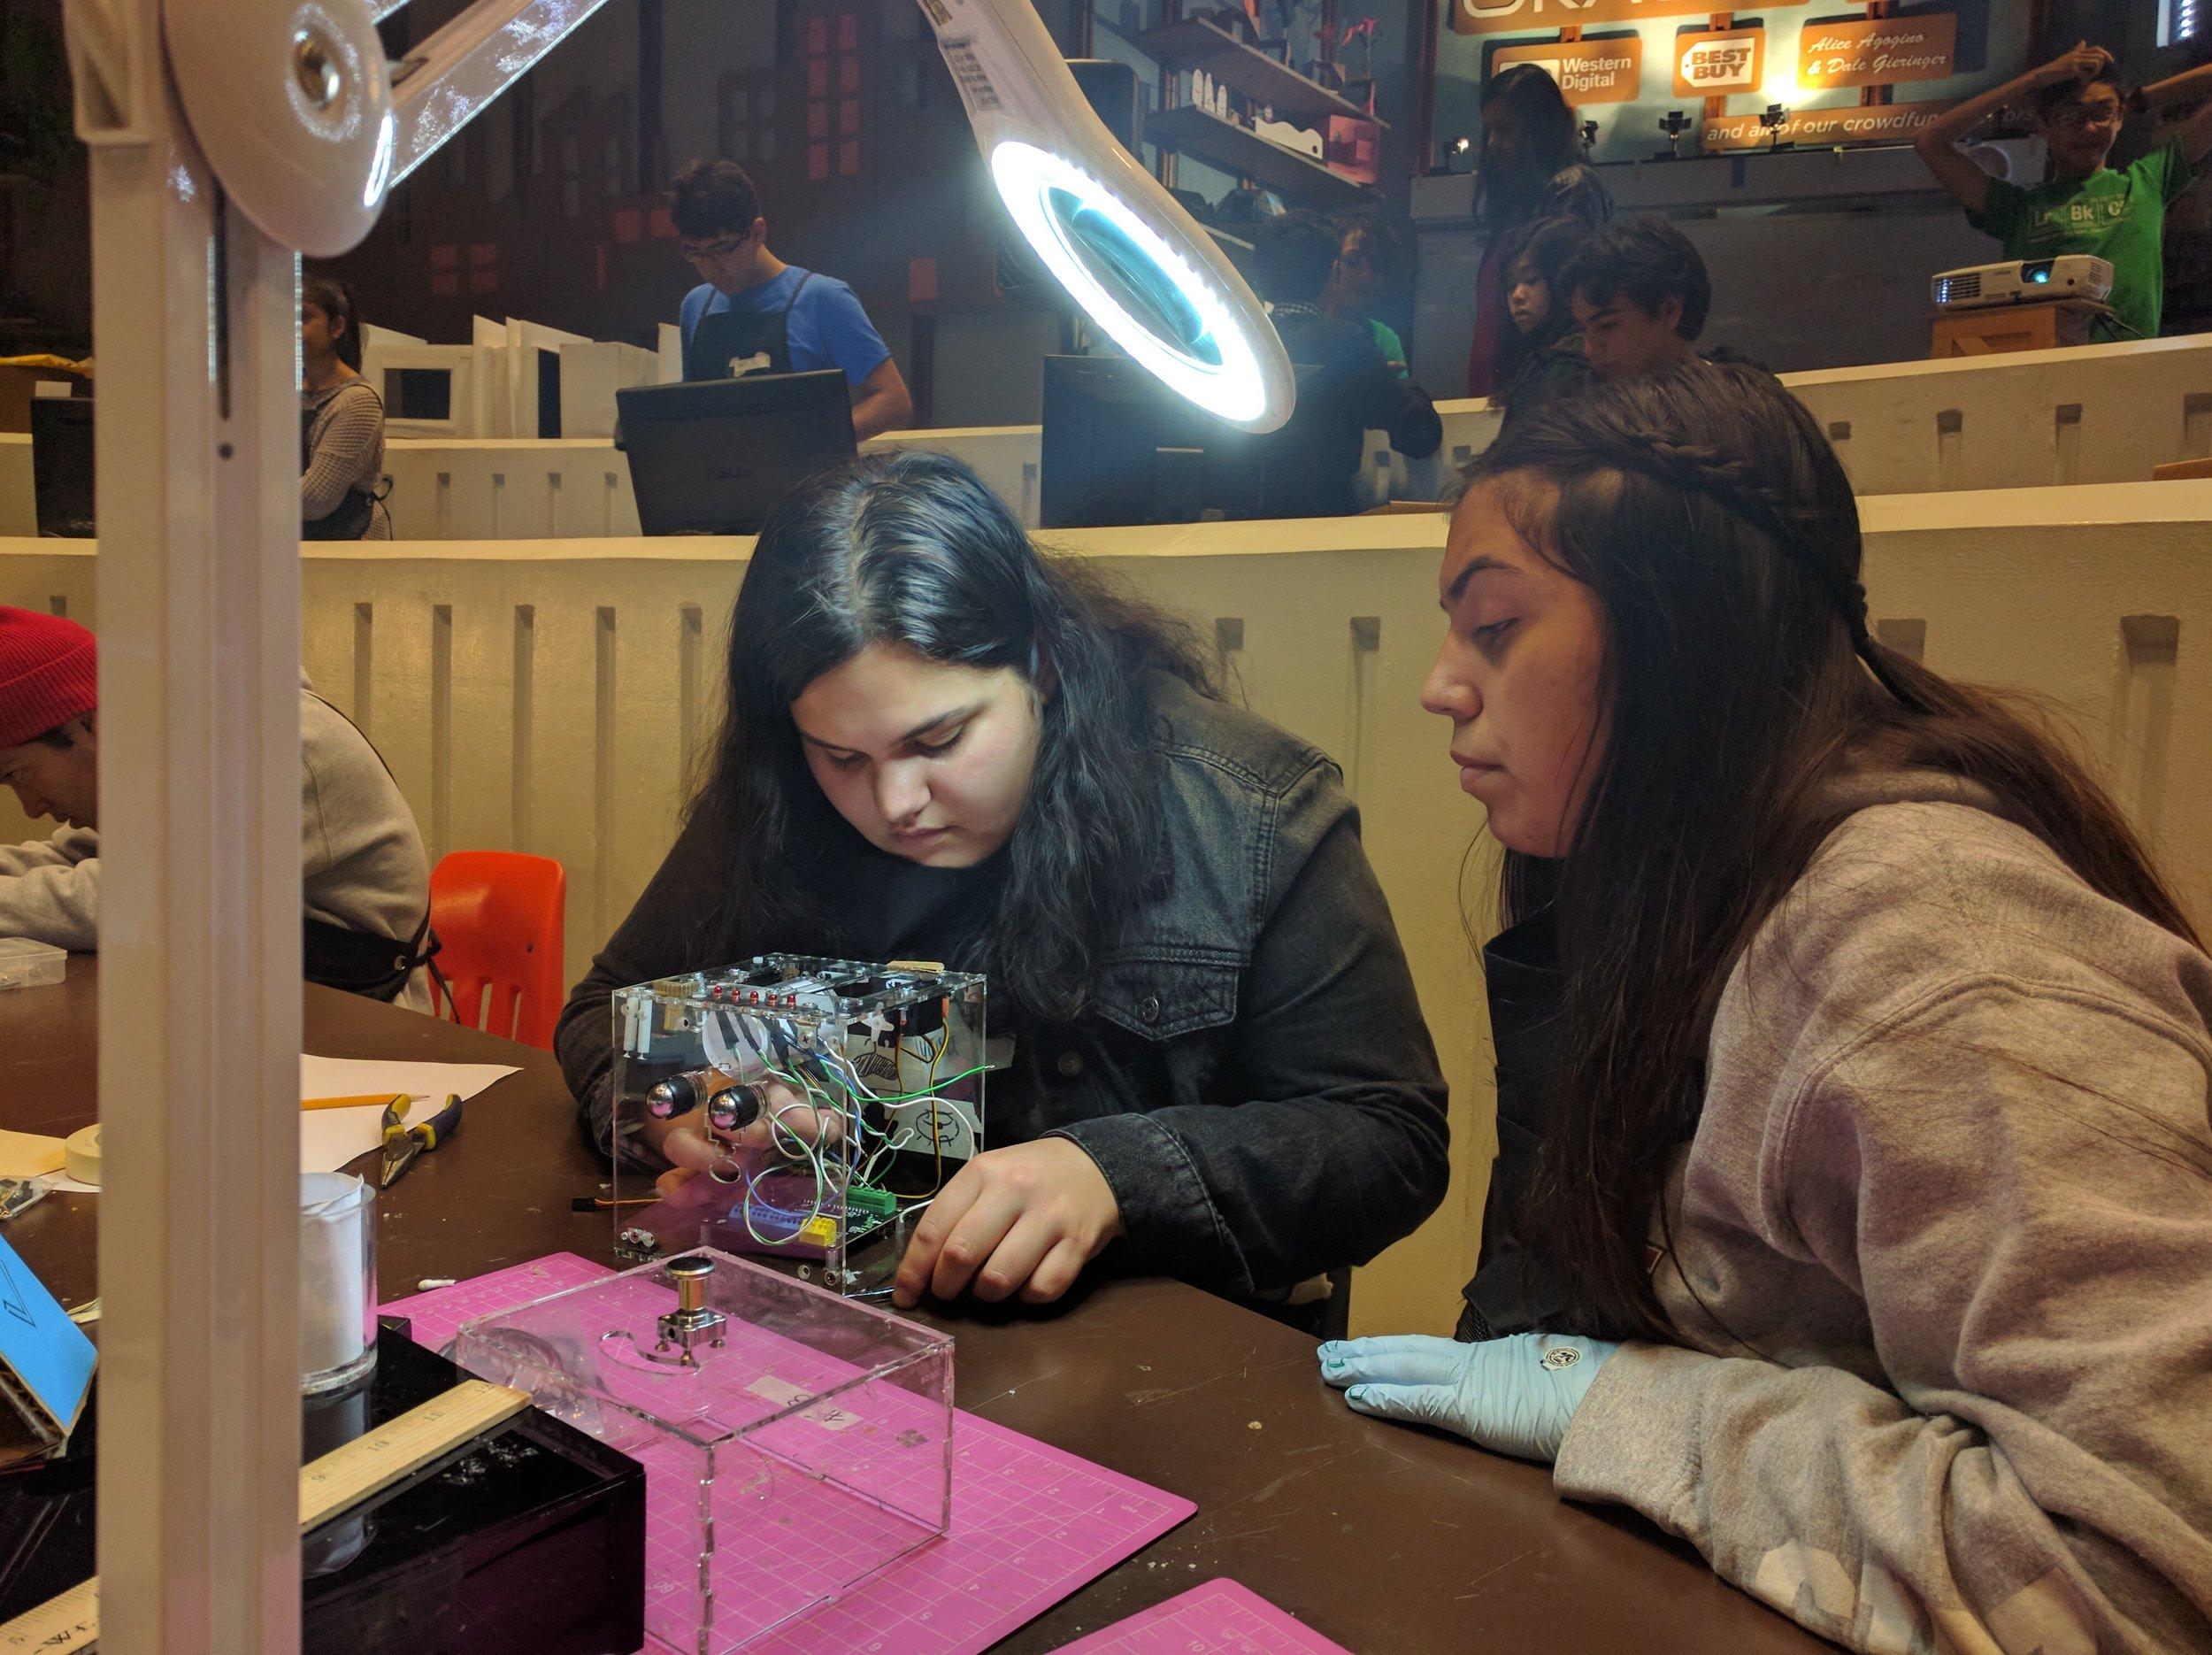 Alyssa and Jossalin working at wiring Jamie.